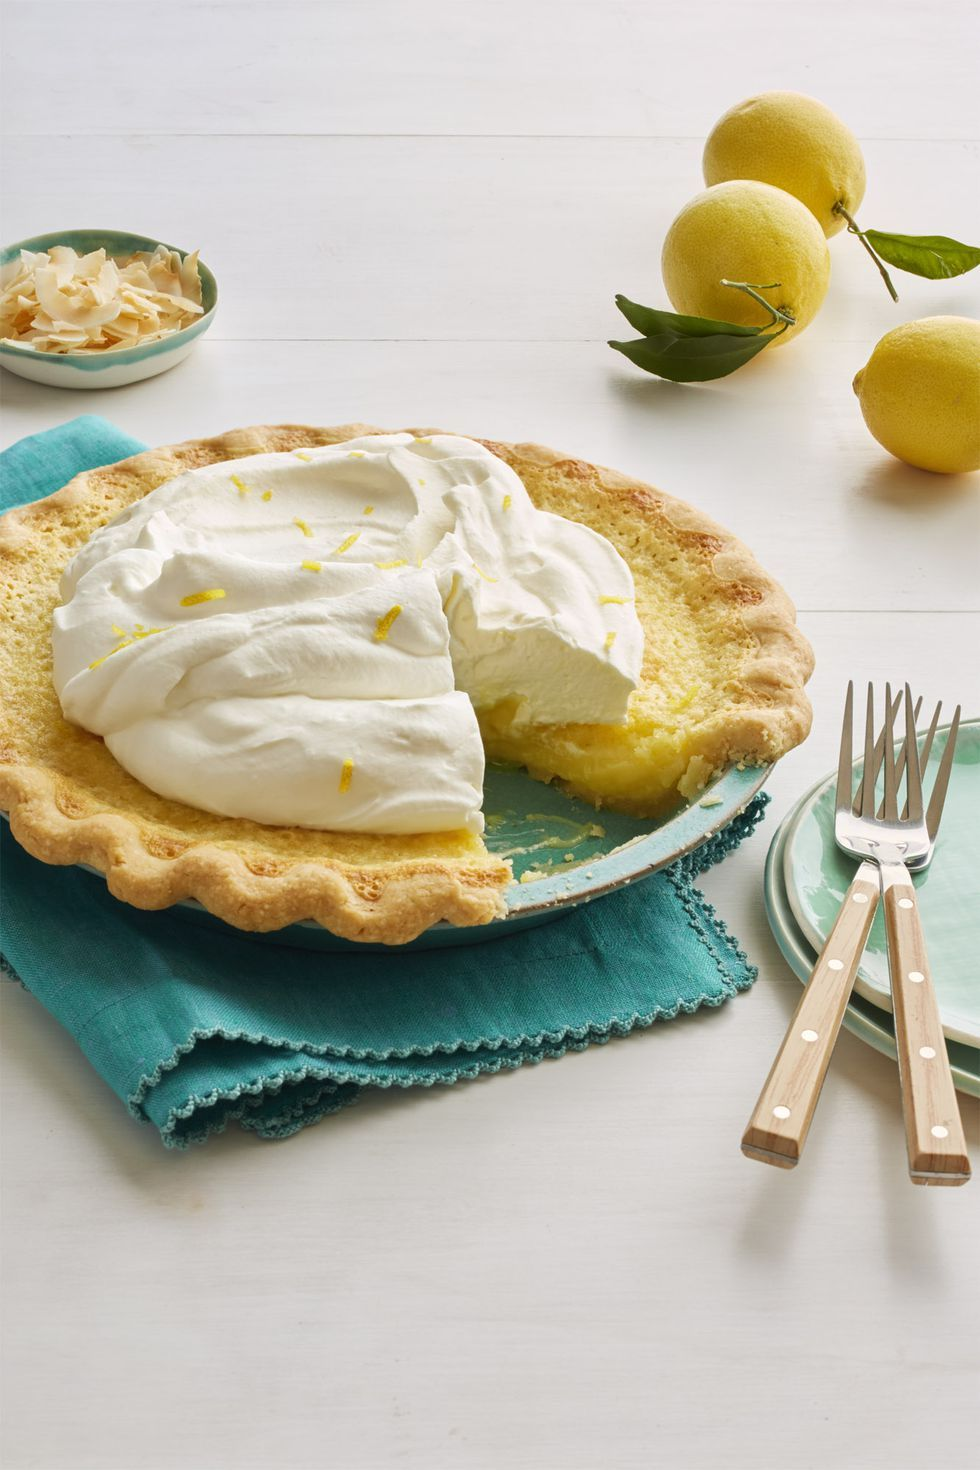 33 Easy Lemon Desserts - Best Recipes for Lemon Flavored Dessert Ideas